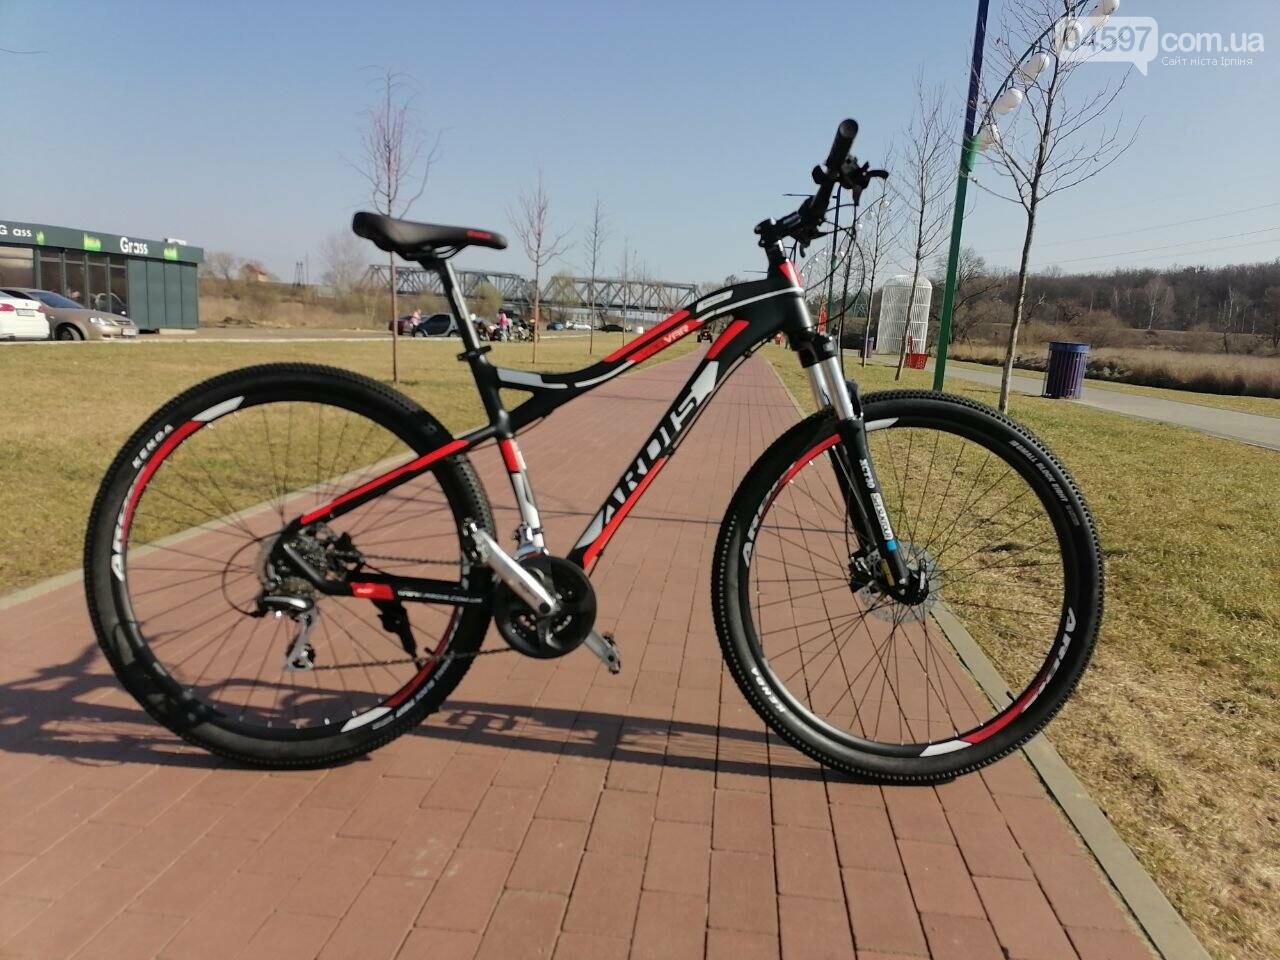 Прокат велосипедів на ірпінській набережній